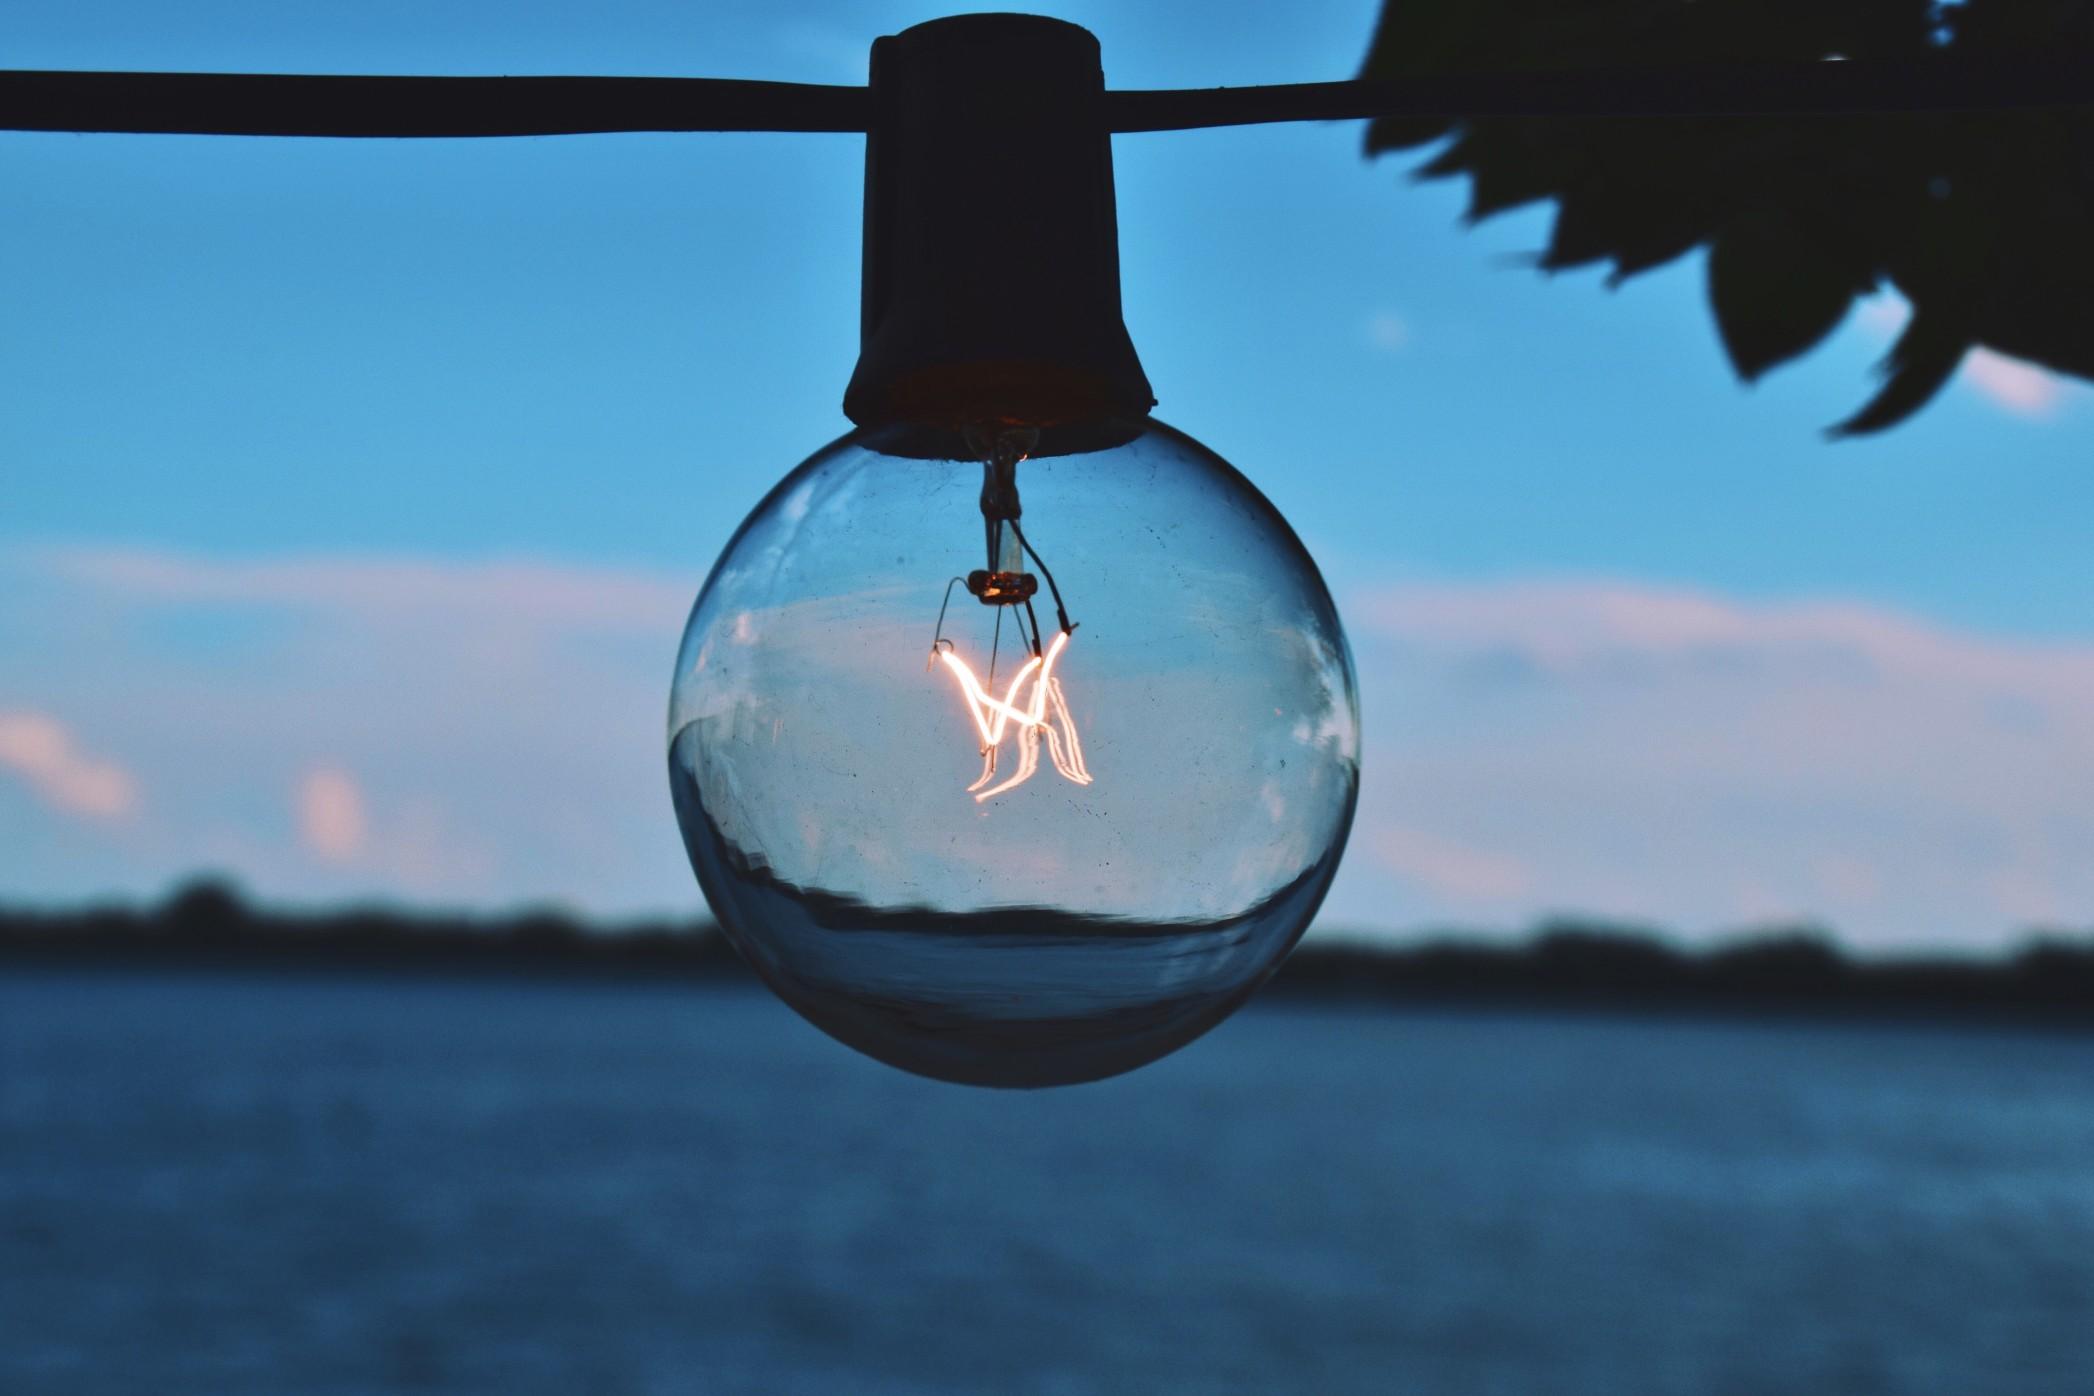 Ventajas de las luces led